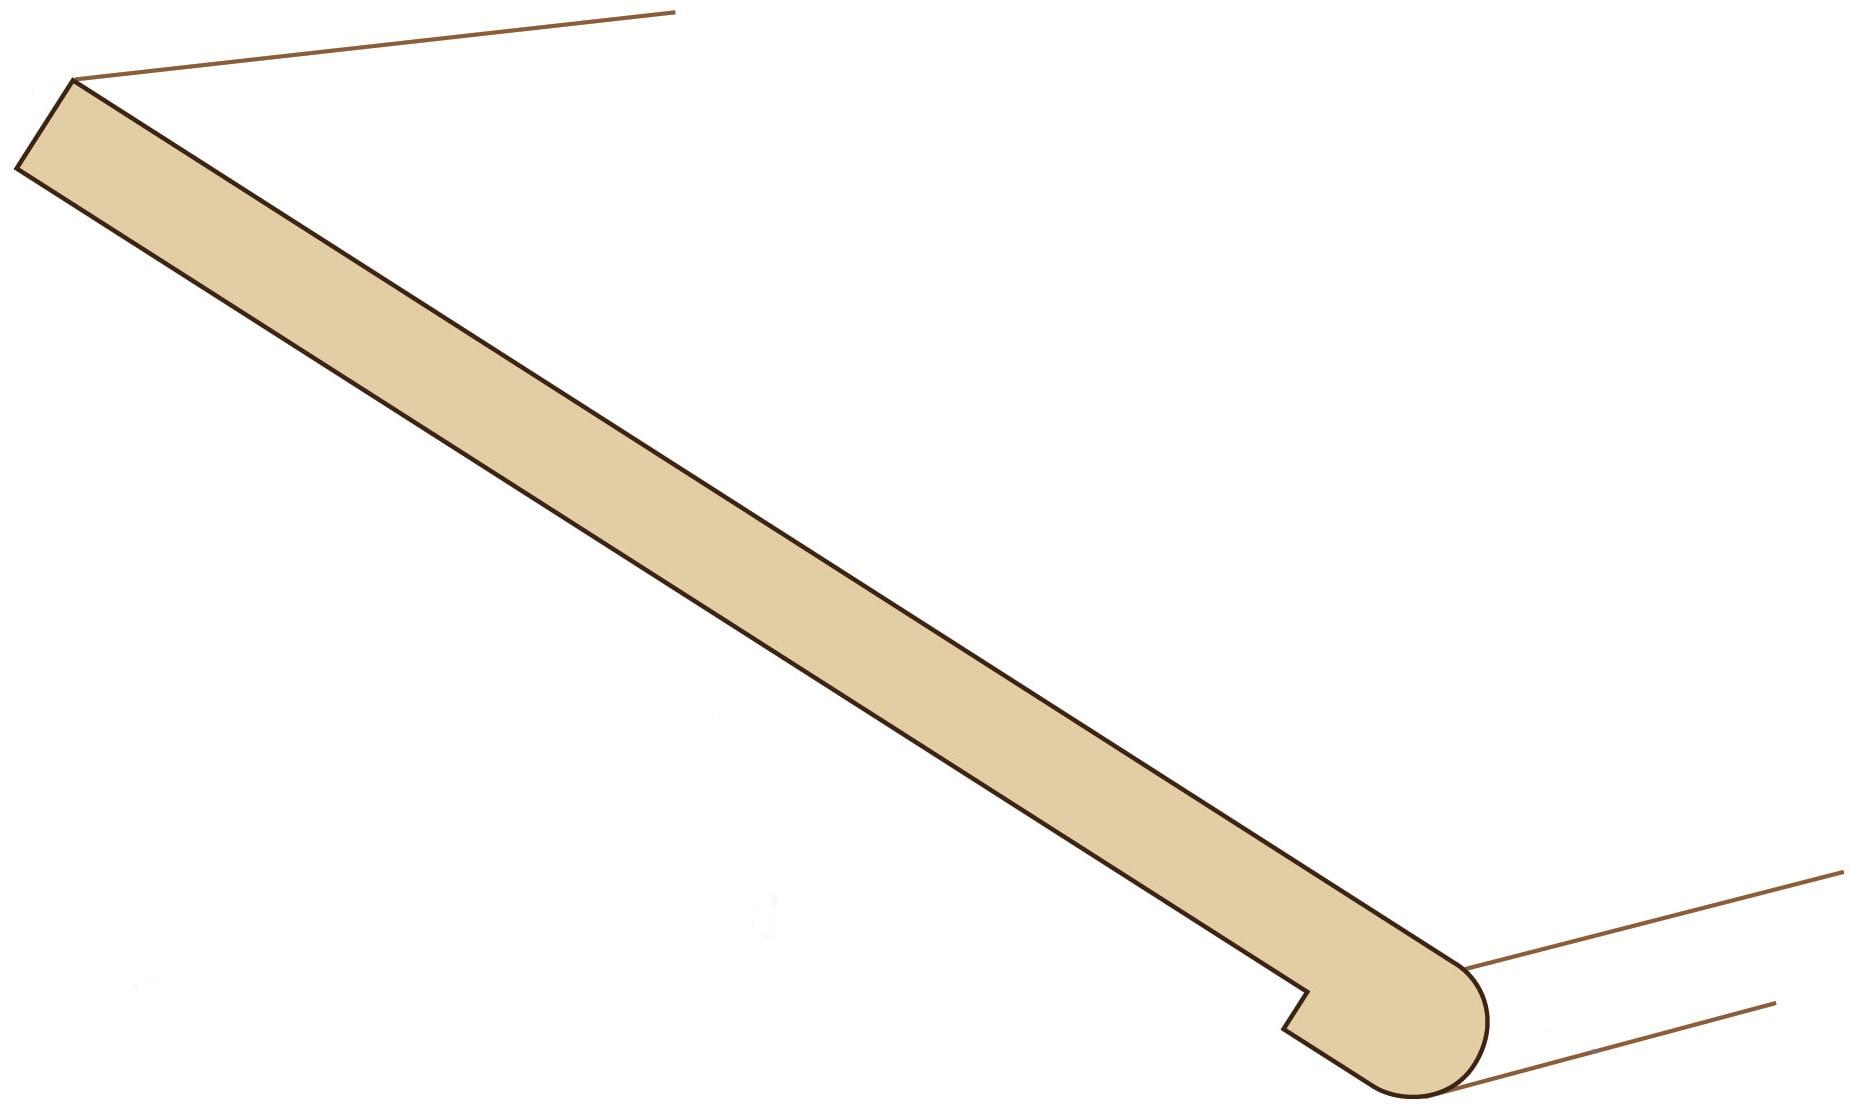 """Roasted / Stair Tread / 36"""" x 11 1/2"""" x 3/4"""" Engineered Hardwood Moldings - Derby - Roasted 0"""